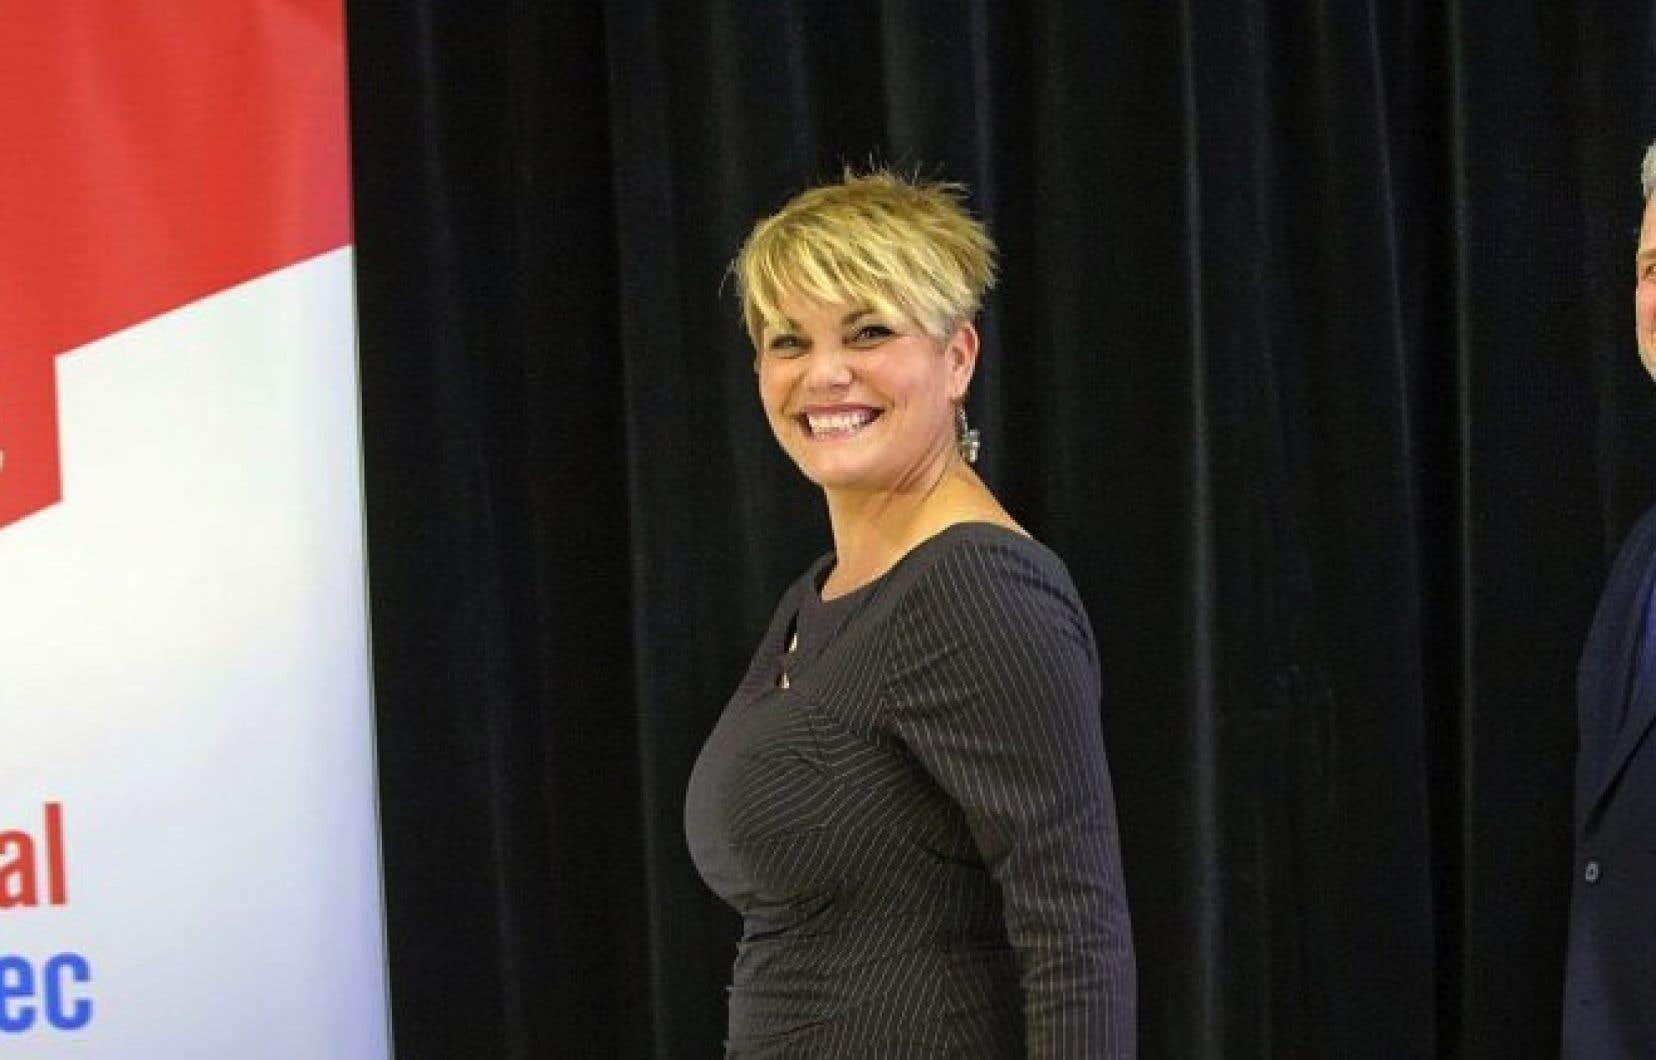 La députée de Verdun, Isabelle Melançon, figure sur la liste d'élus «ministrables».